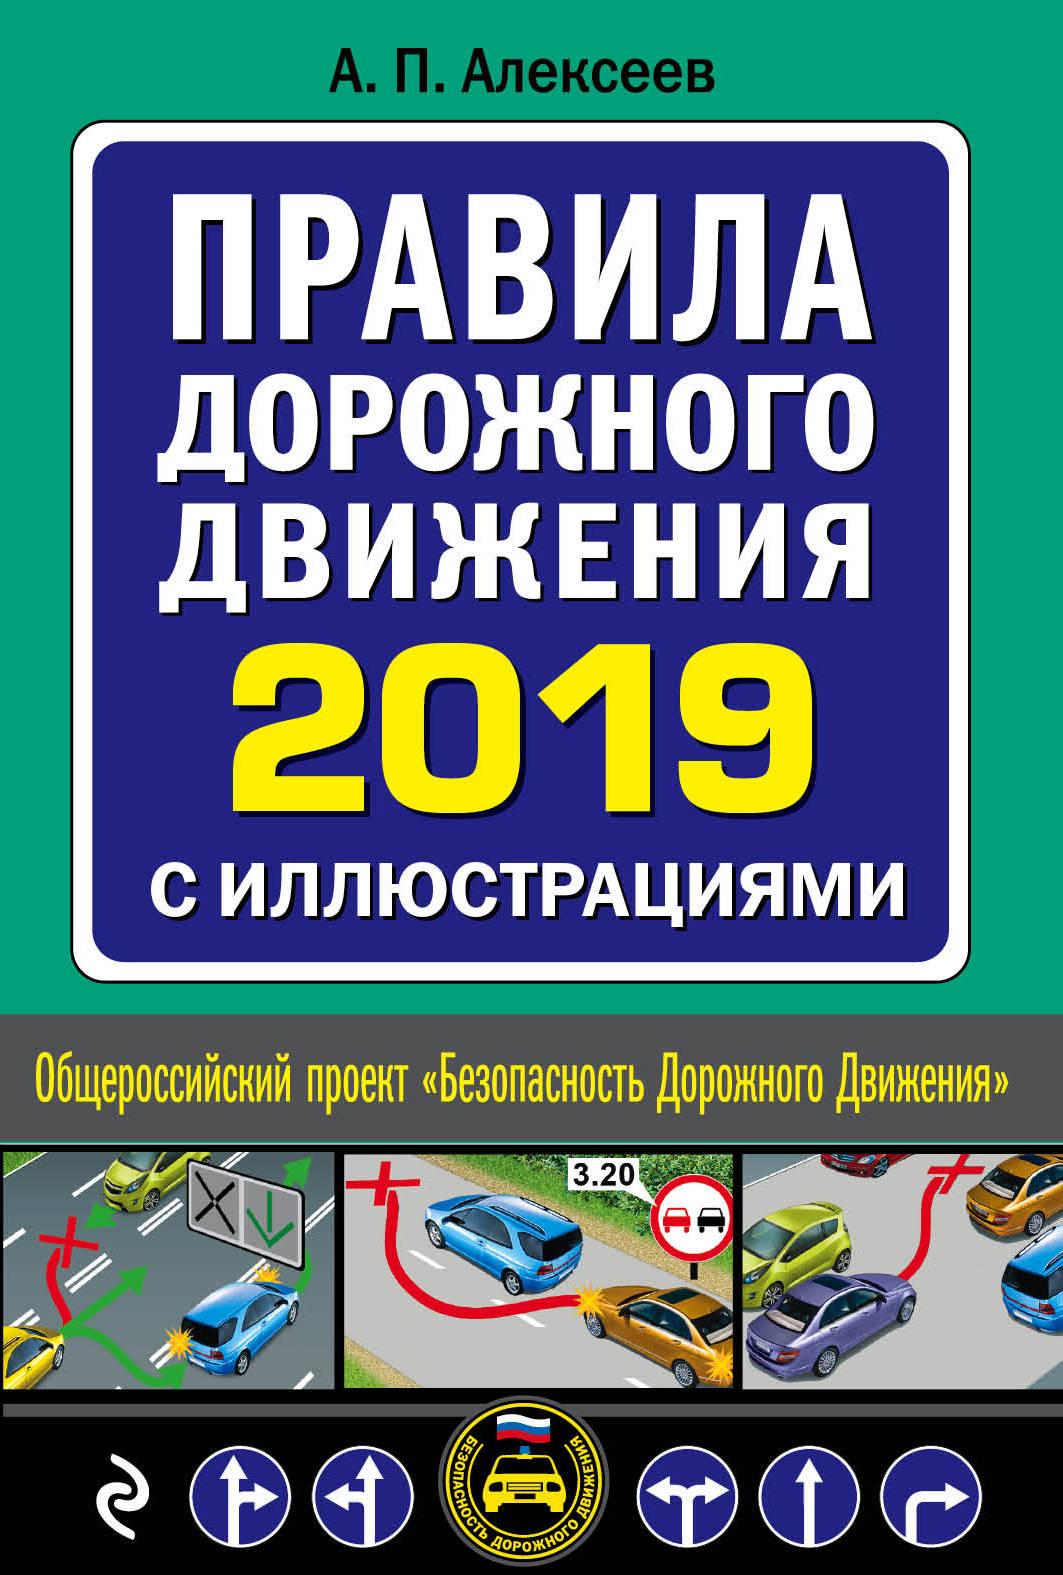 Алексеев А. П. Правила дорожного движения 2019 с иллюстрациями